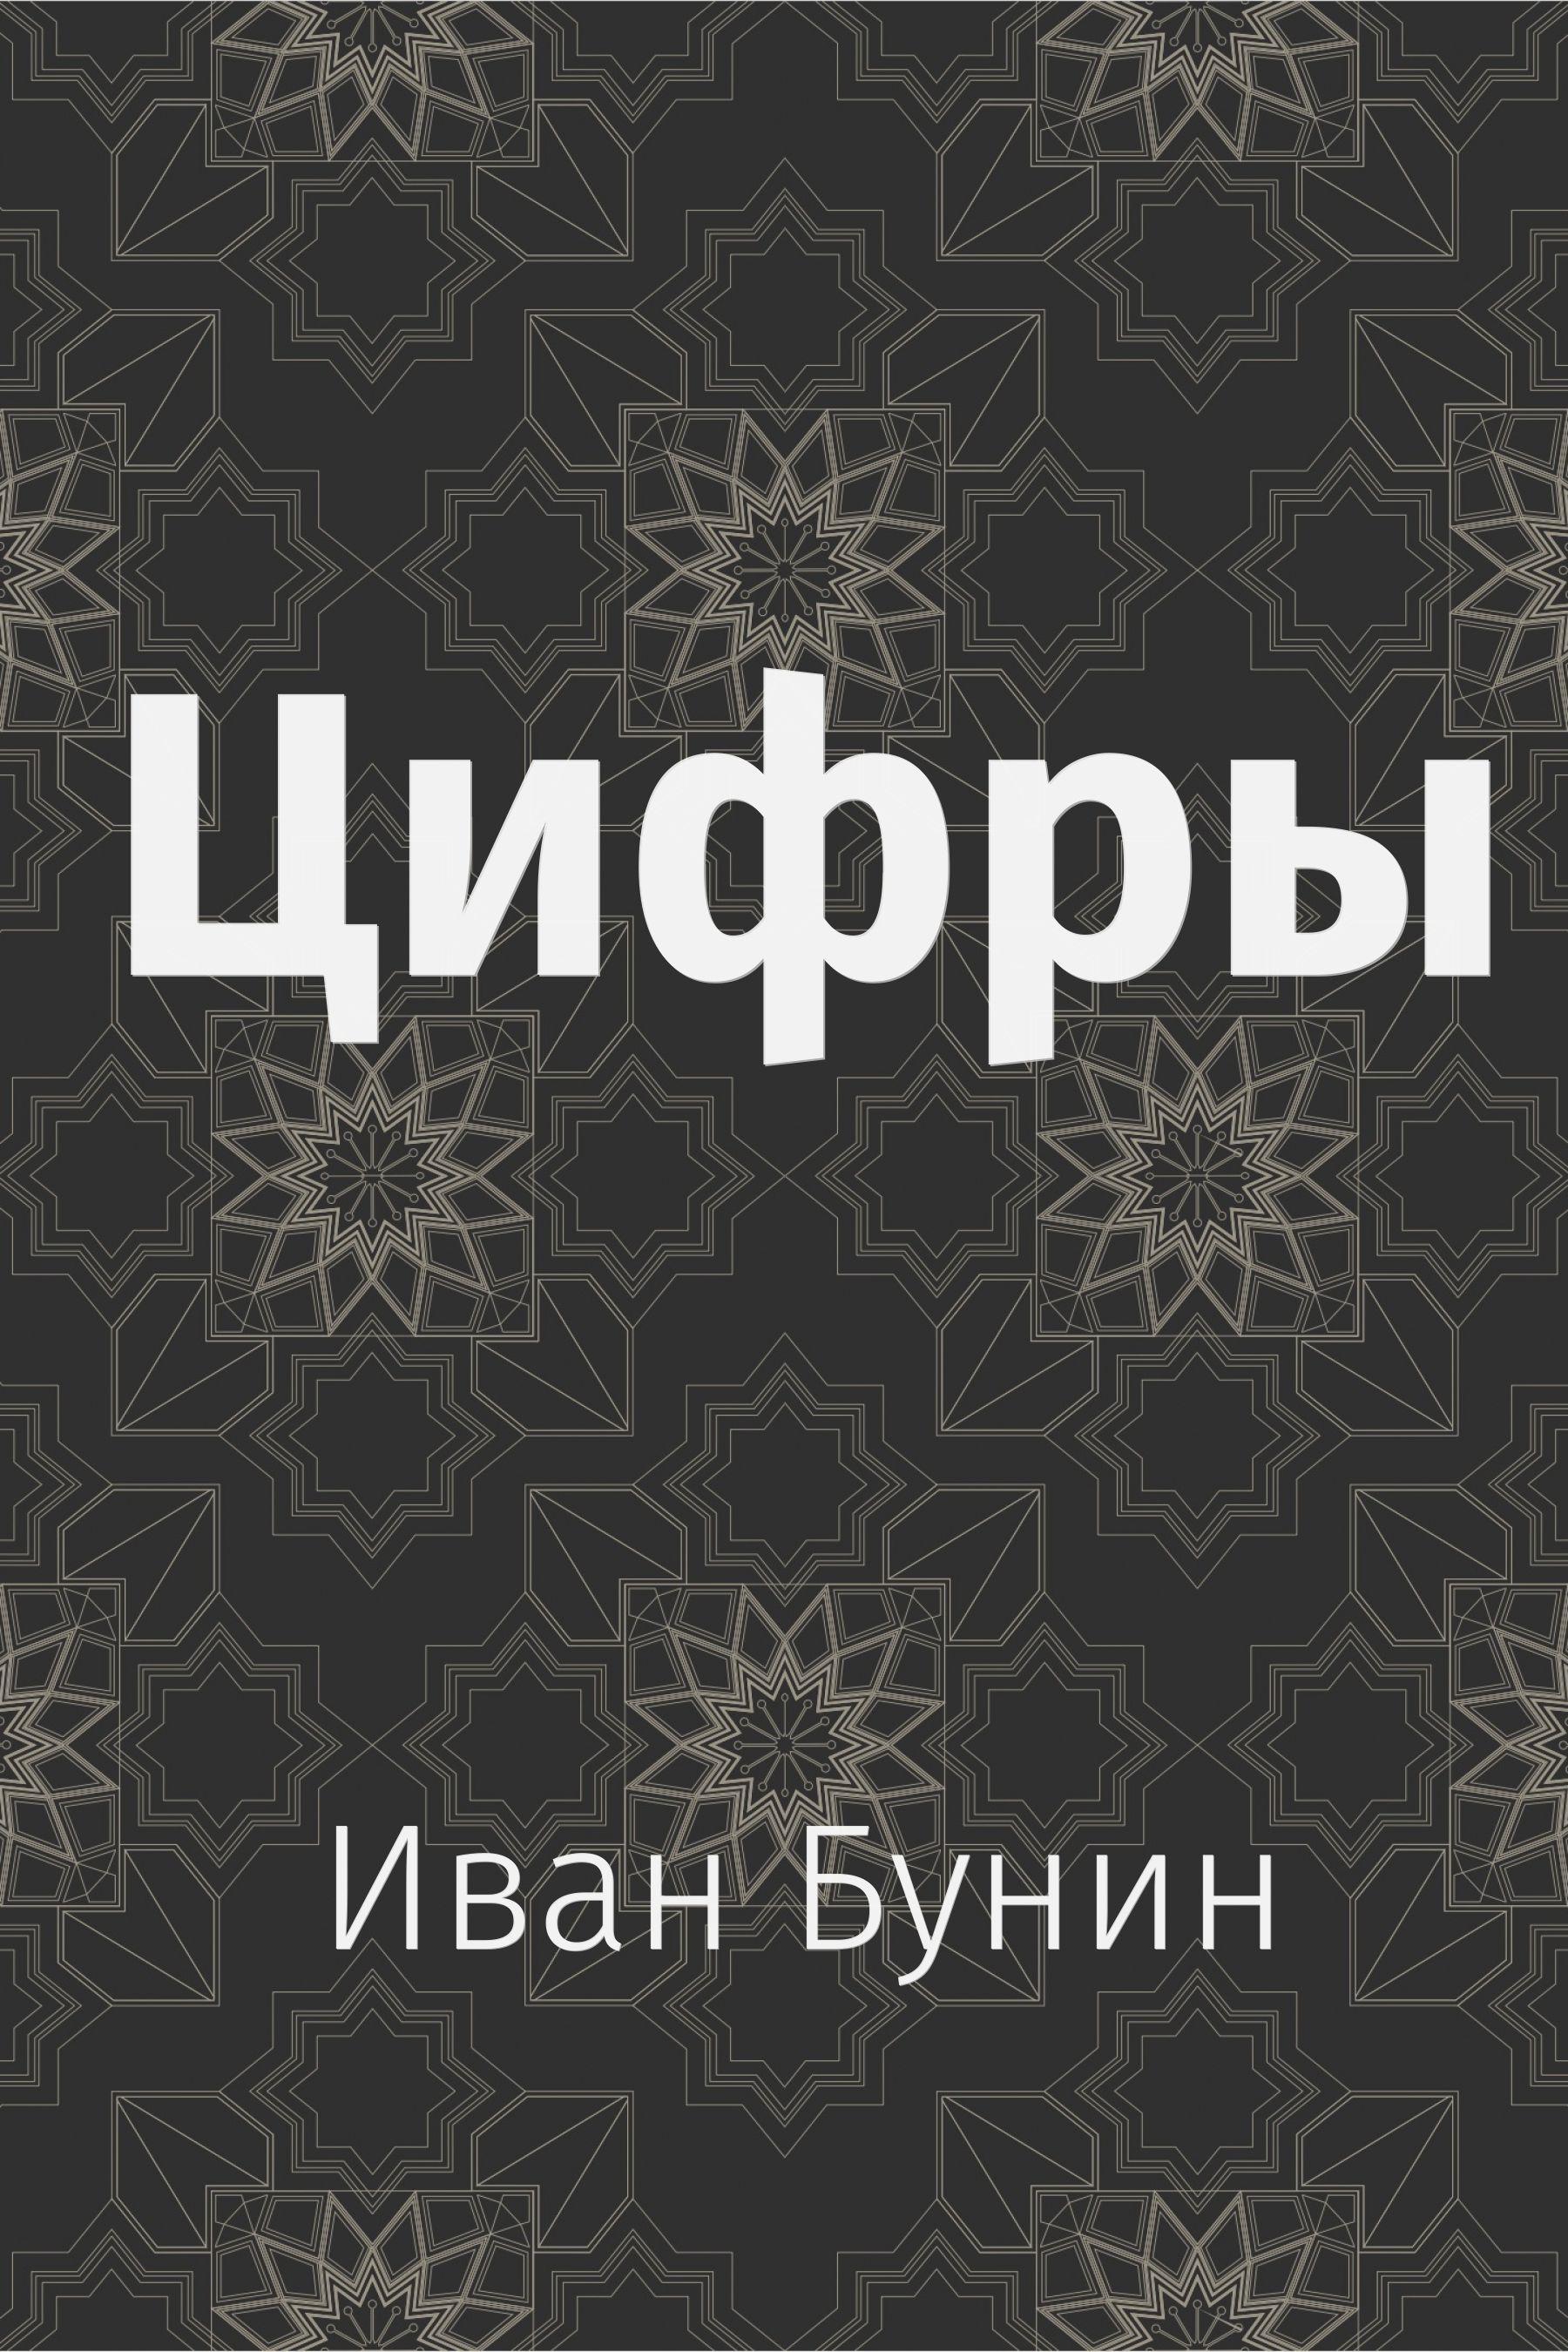 """Иван бунин опубликовал произведение """"цифры"""" в жанре малые."""